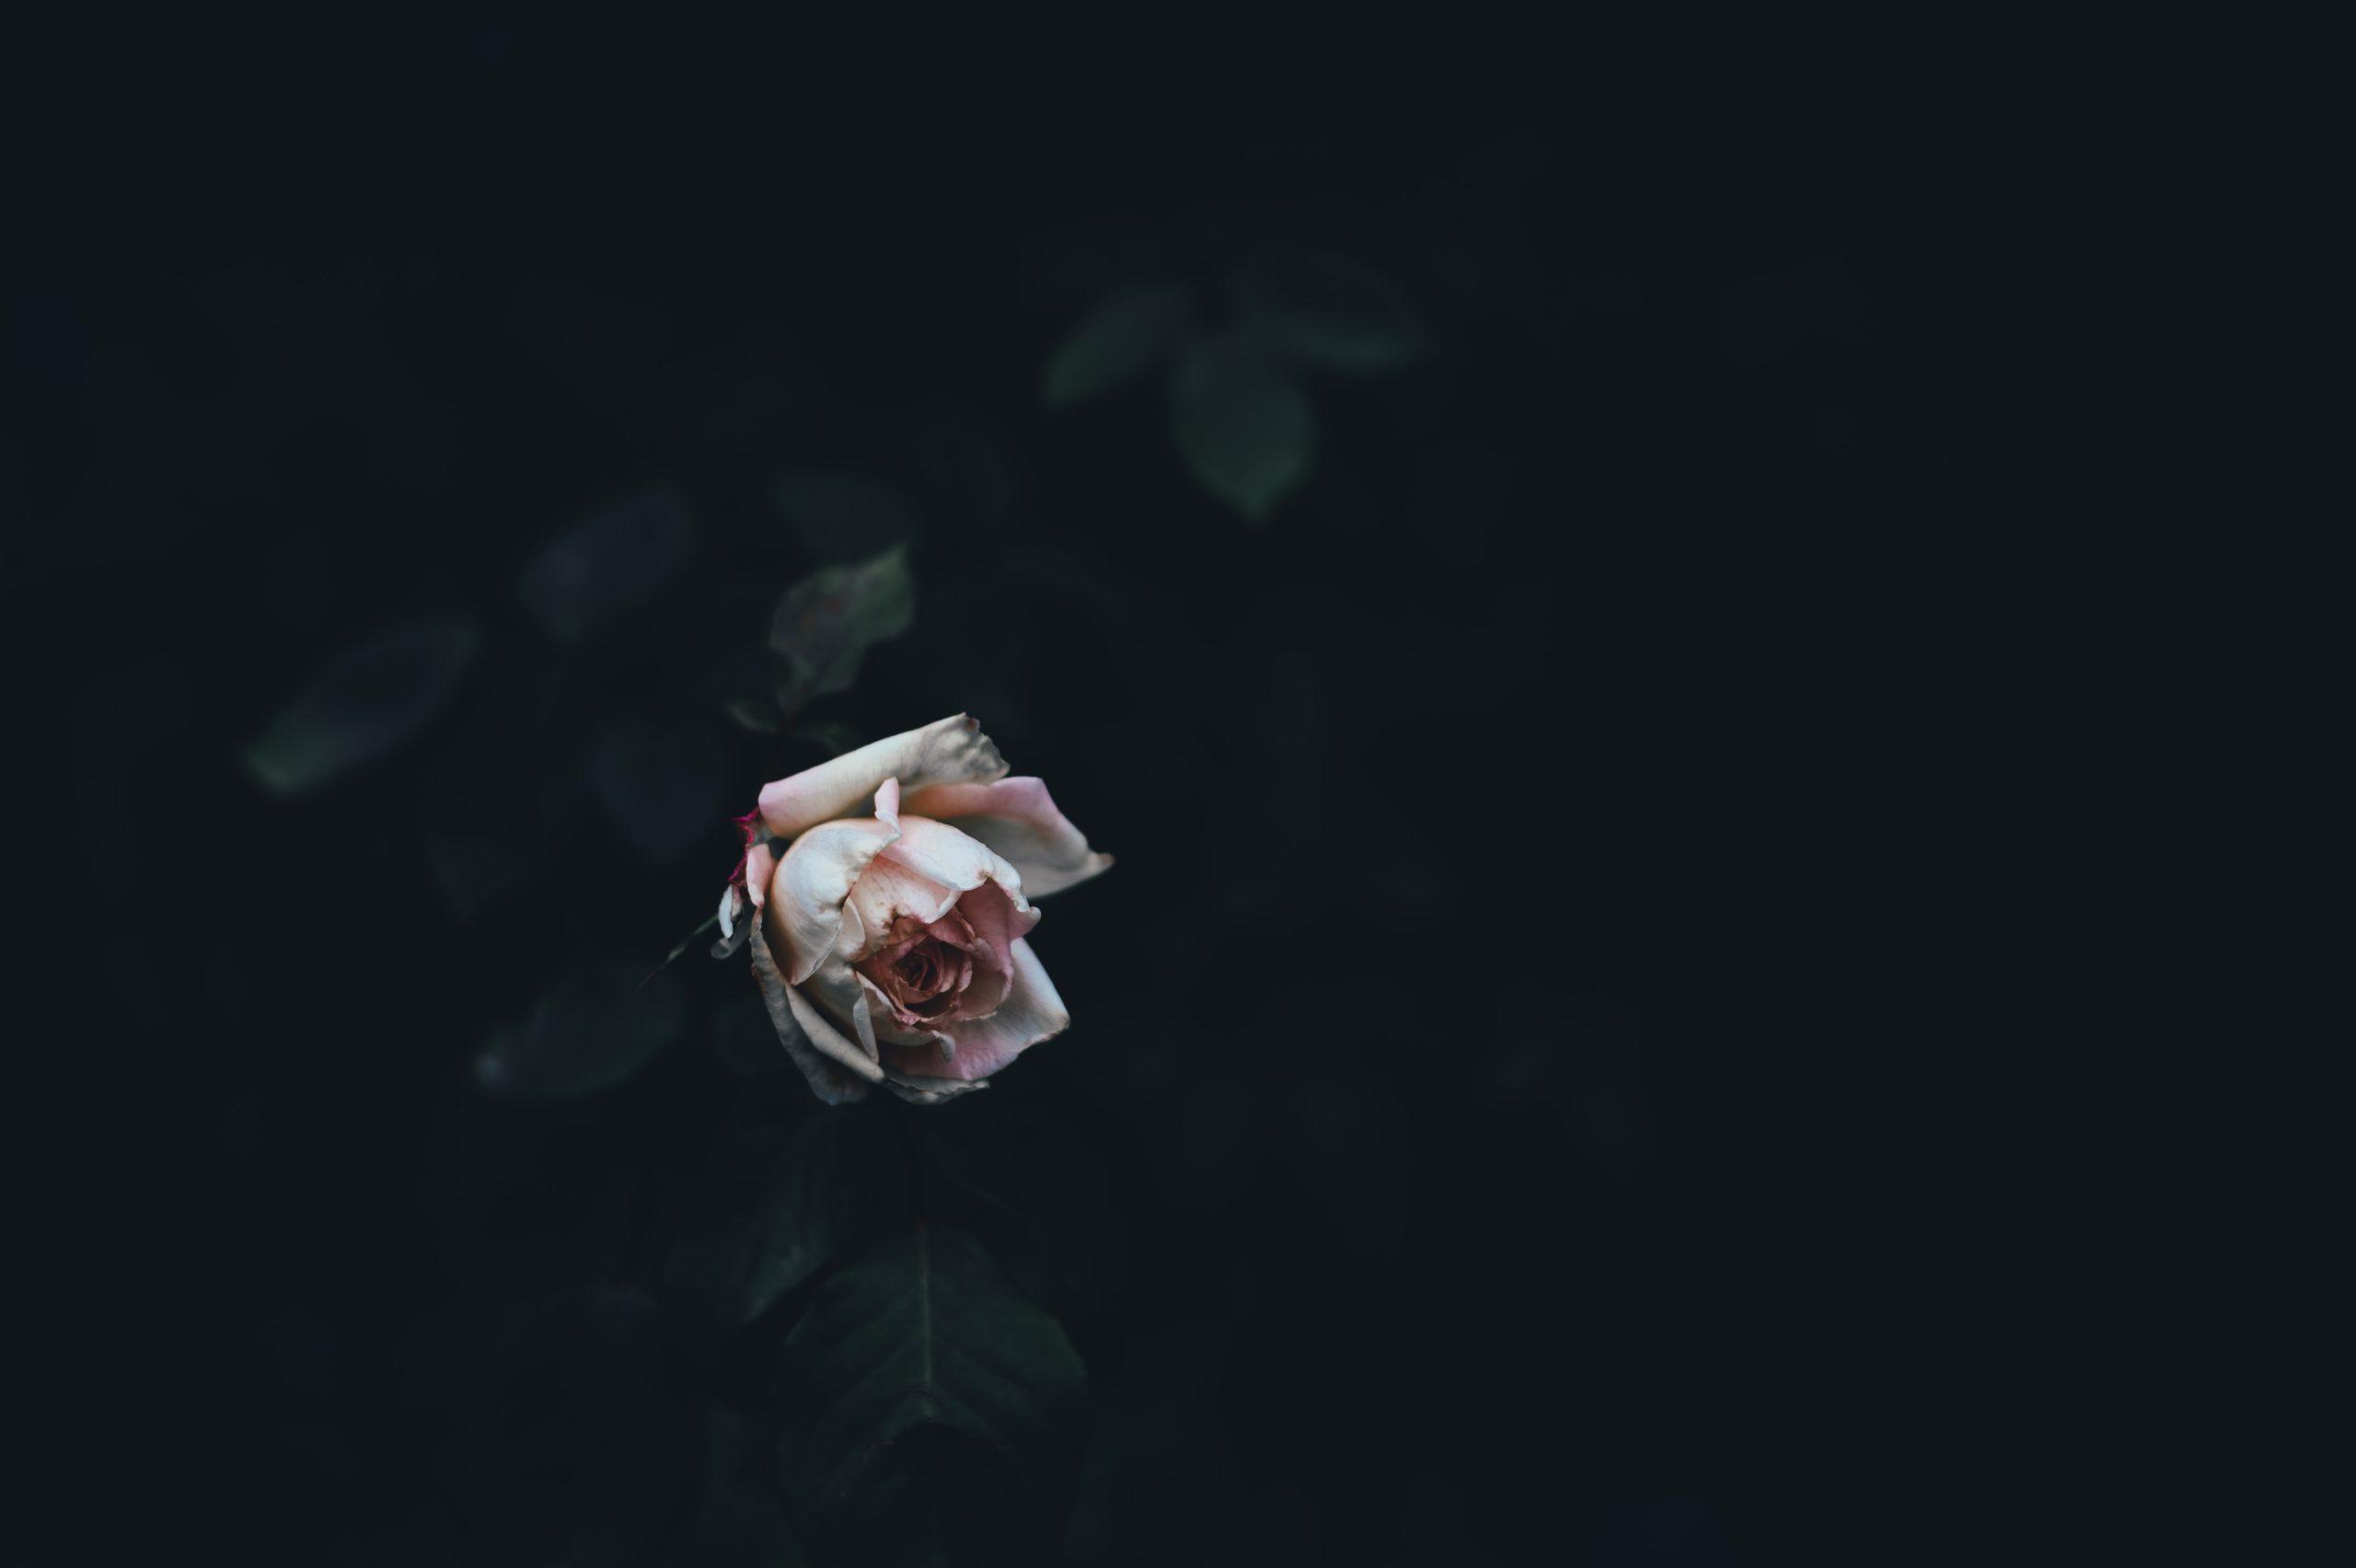 デストルドーと自殺をする人の心理…それって防ぐことはできるの?